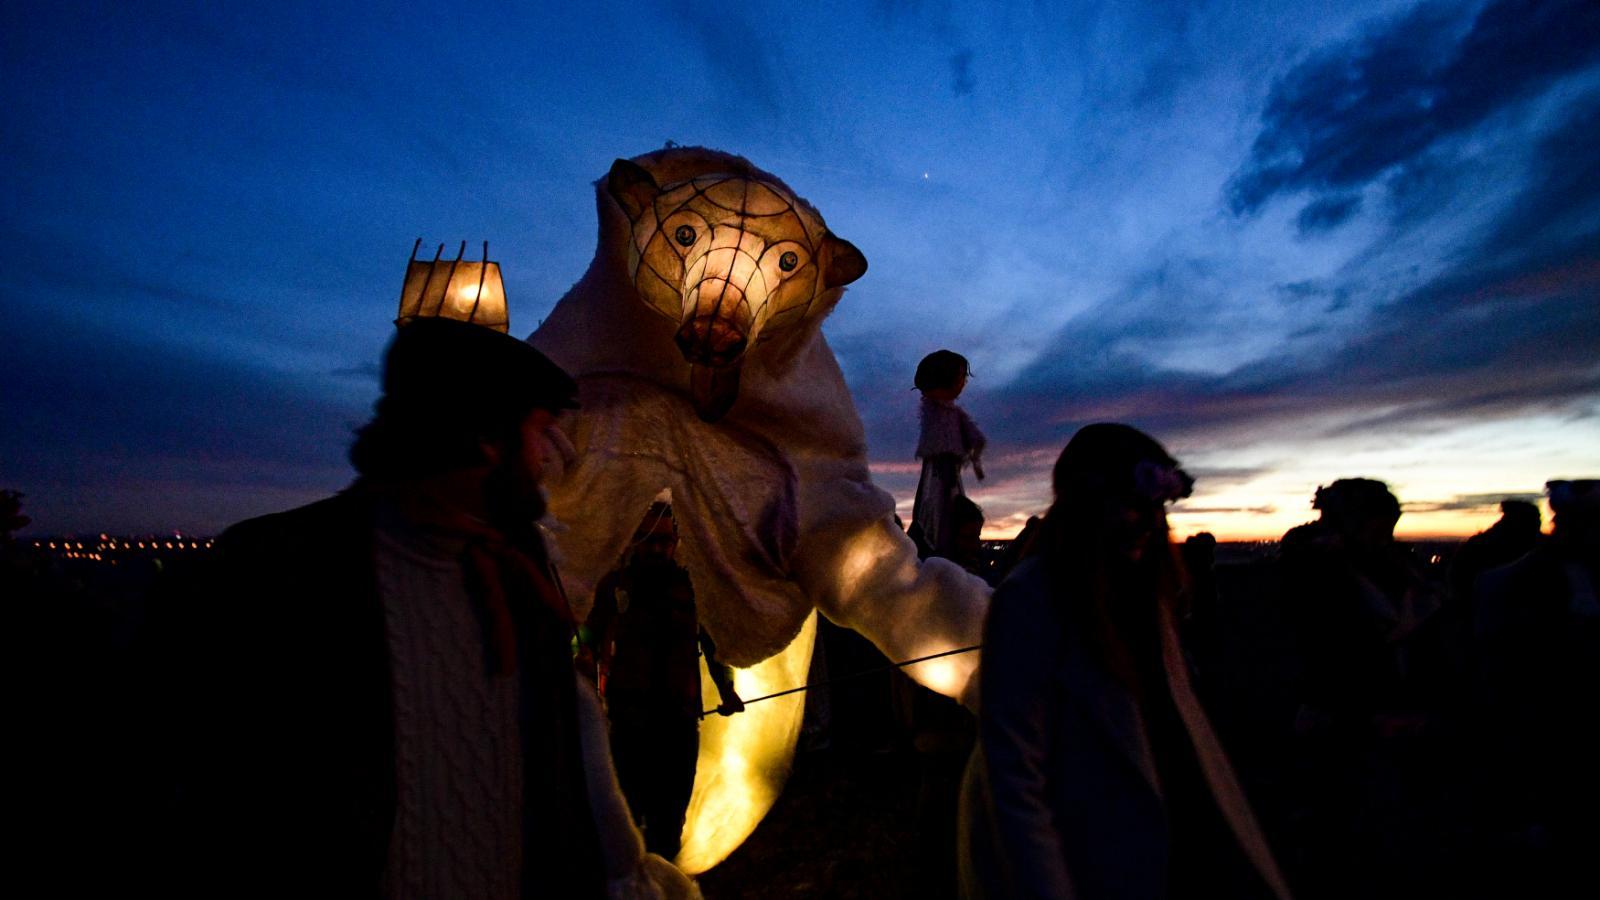 Jednou z nejtypičtějších masopustních maškar je maska medvěda. Na fotografii je zachycen tradiční masopustní průvod z Roztok u Prahy do Únětic.